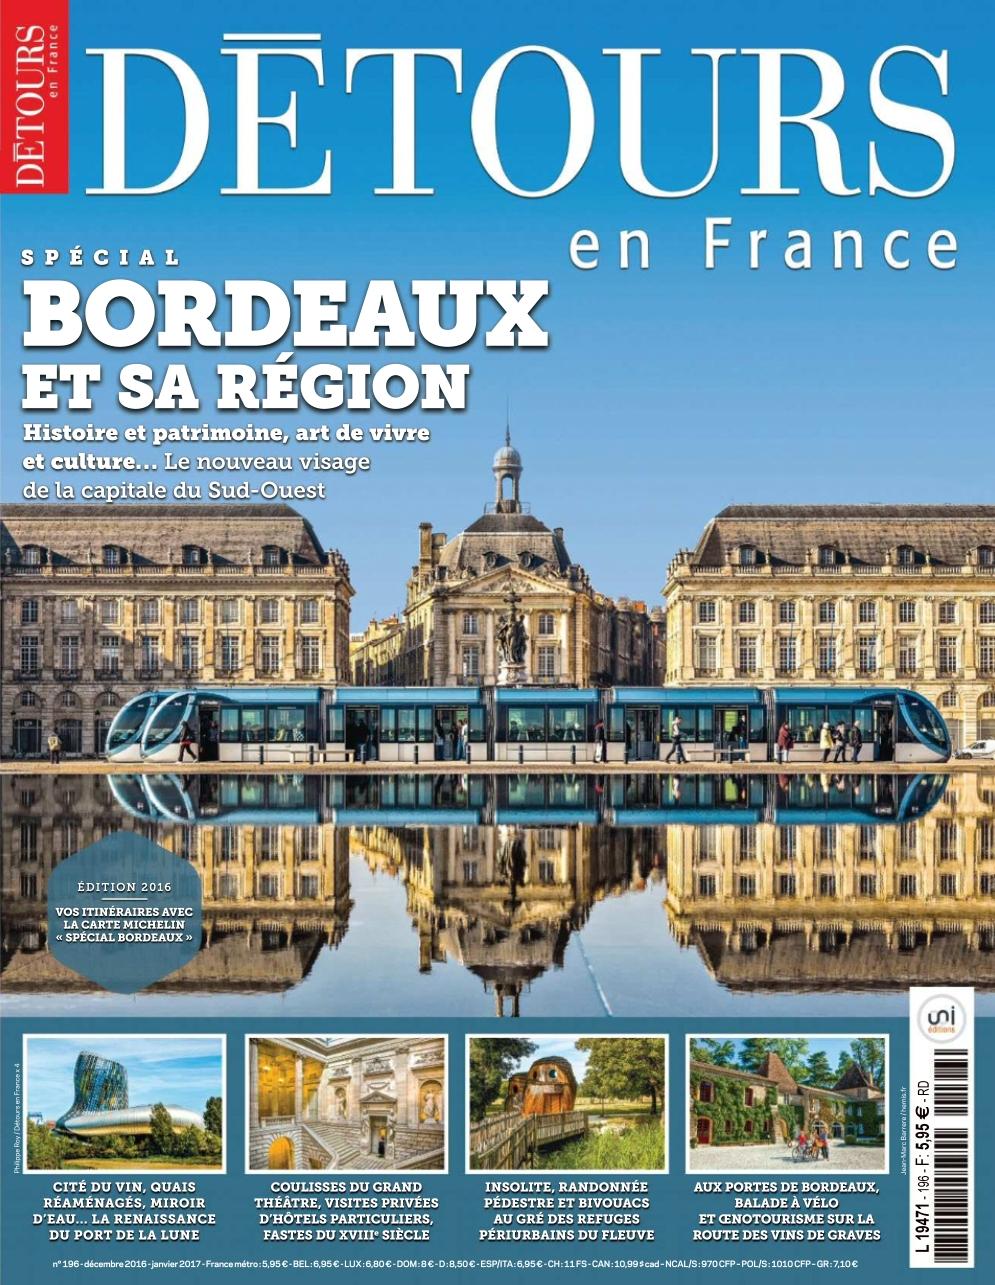 Détours en France 196 - Décembre 2016/Janvier 2017